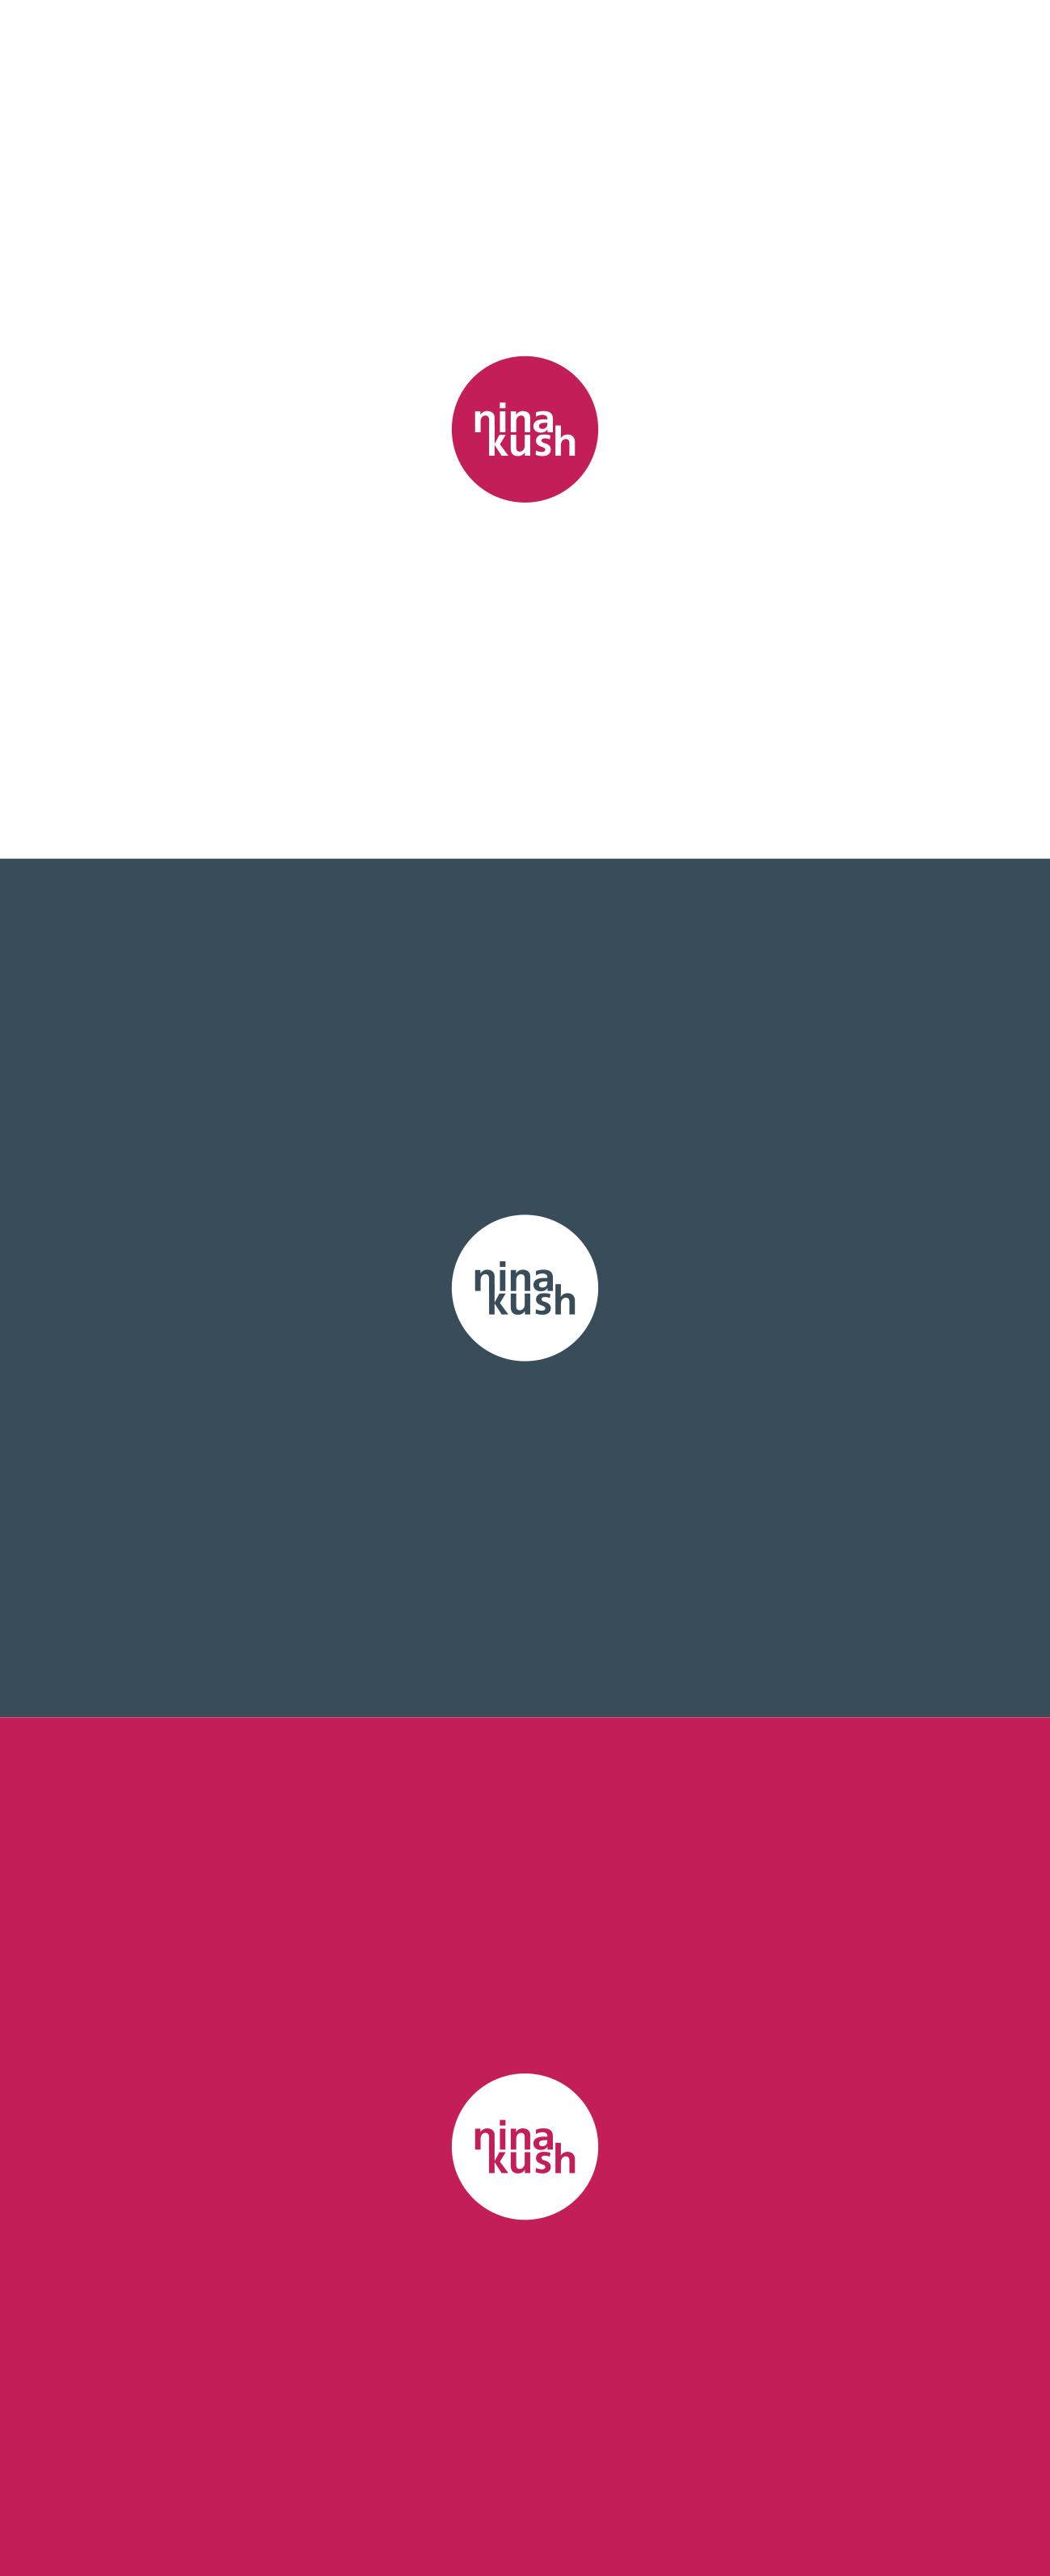 Логотип, товарный знак. Далее разработка brend booka компани фото f_8845cdeb3d26d84b.jpg